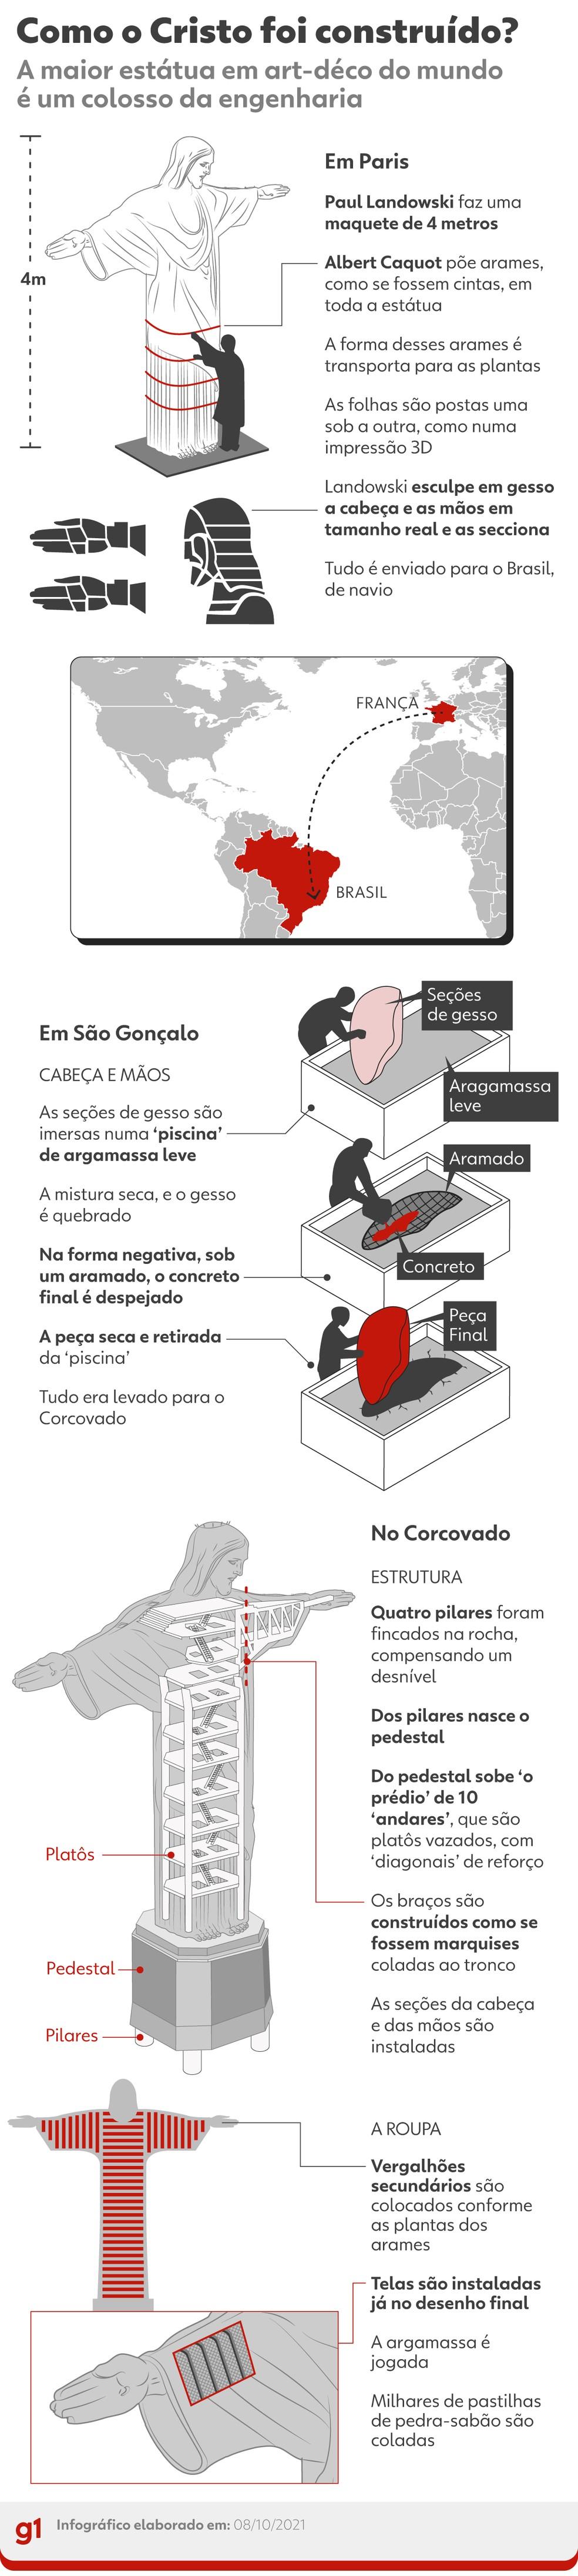 Arte mostra etapas da construção do Cristo Redentor — Foto: Infografia: Elcio Horiuchi e Wagner Magalhães/g1